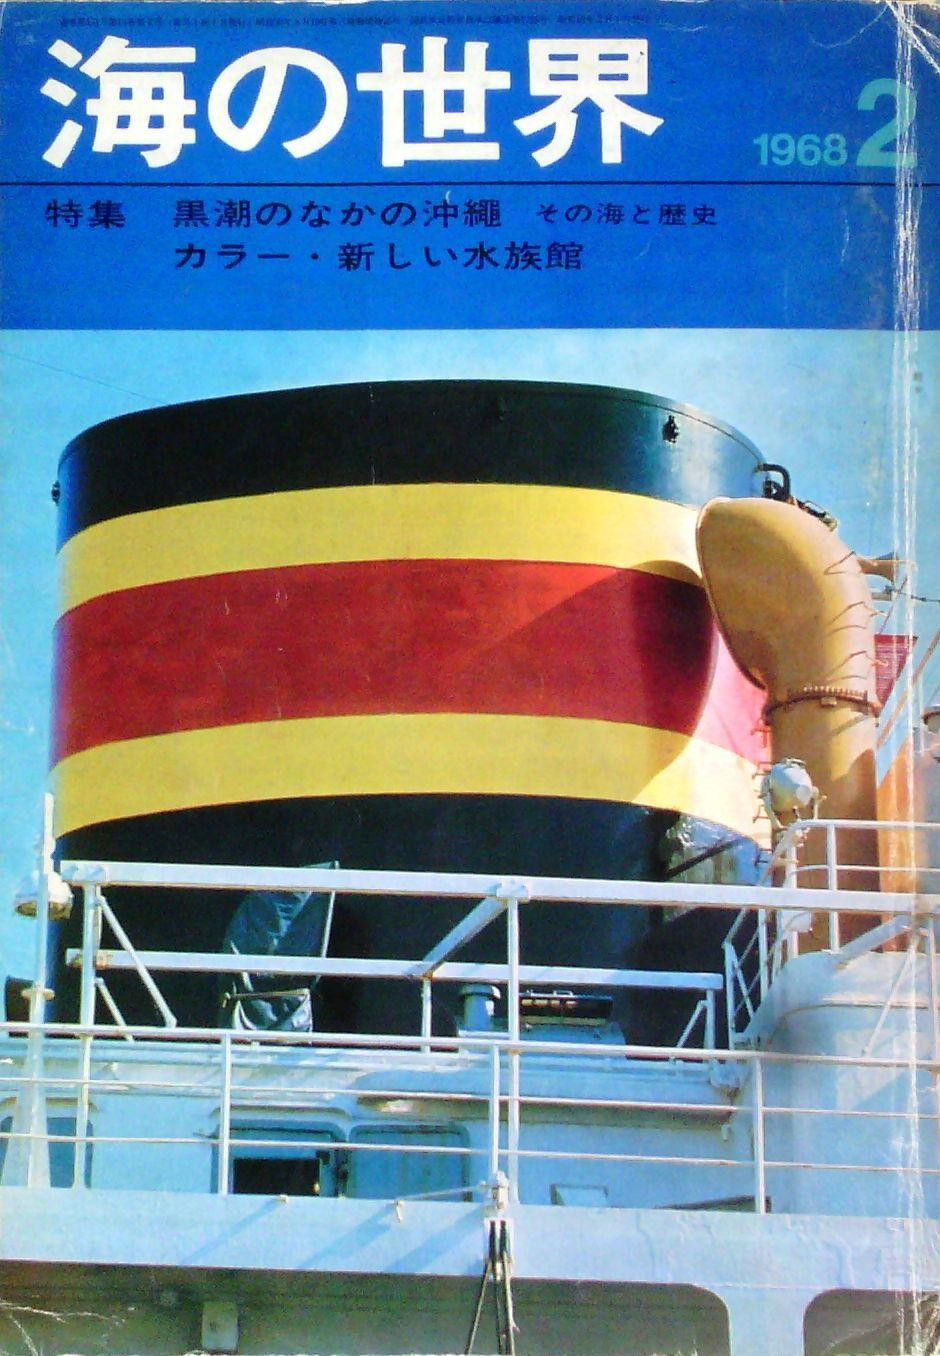 0325 ダイビングの歴史57 海の世界 1968-02_b0075059_14212724.jpg